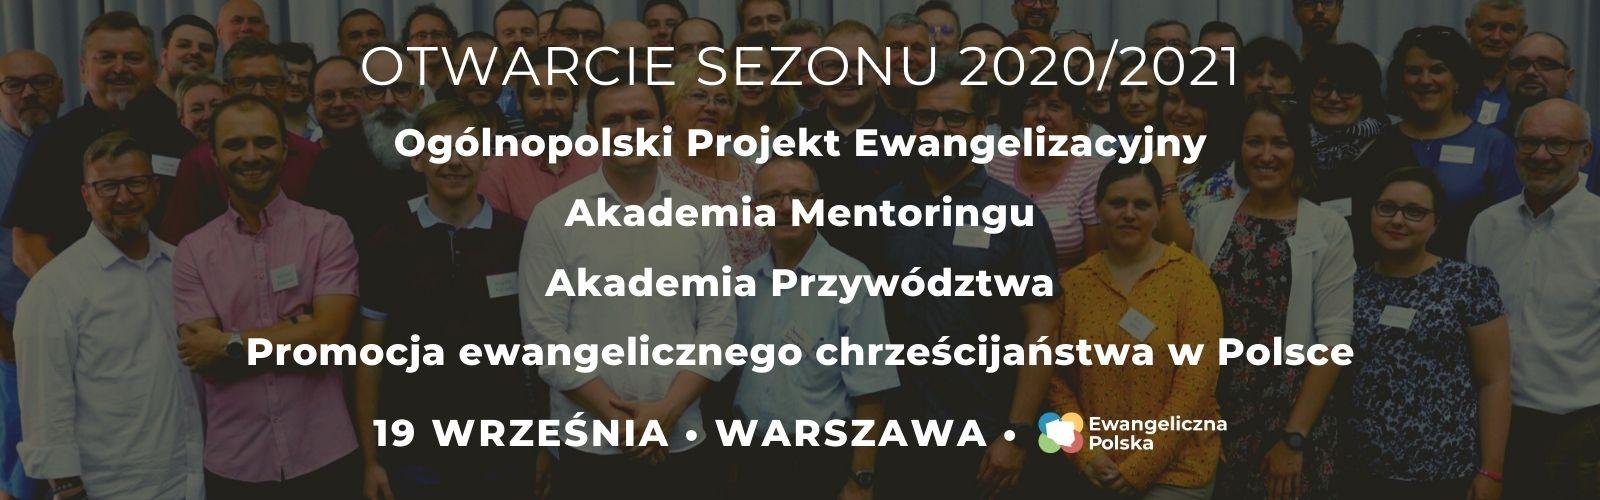 Otwarcie sezonu 2020/2021